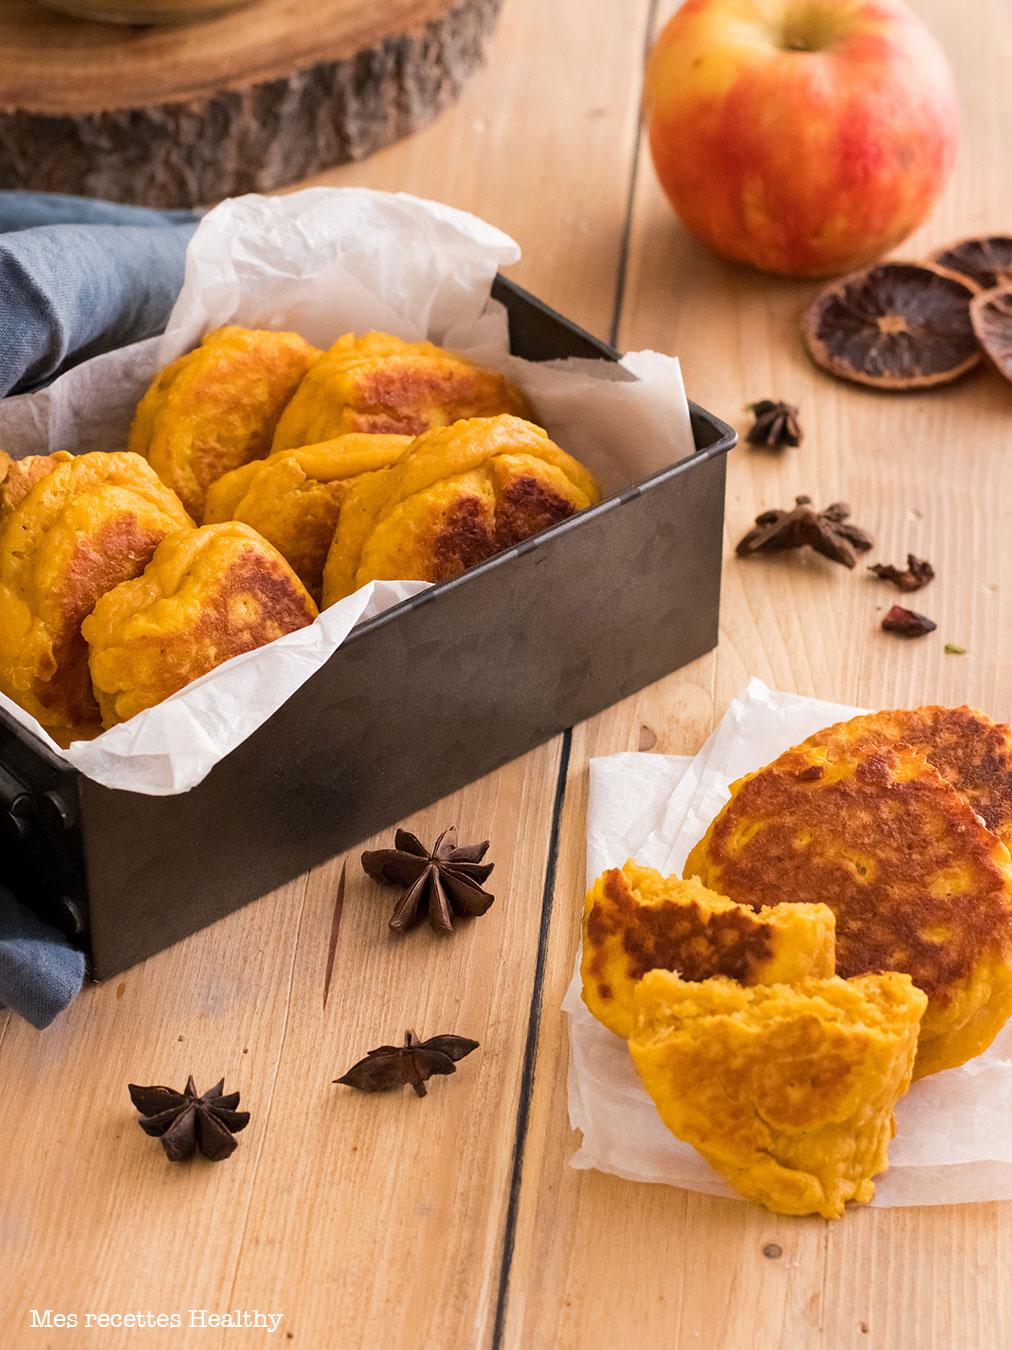 Galette de courge butternut au parmesan-recette healthy